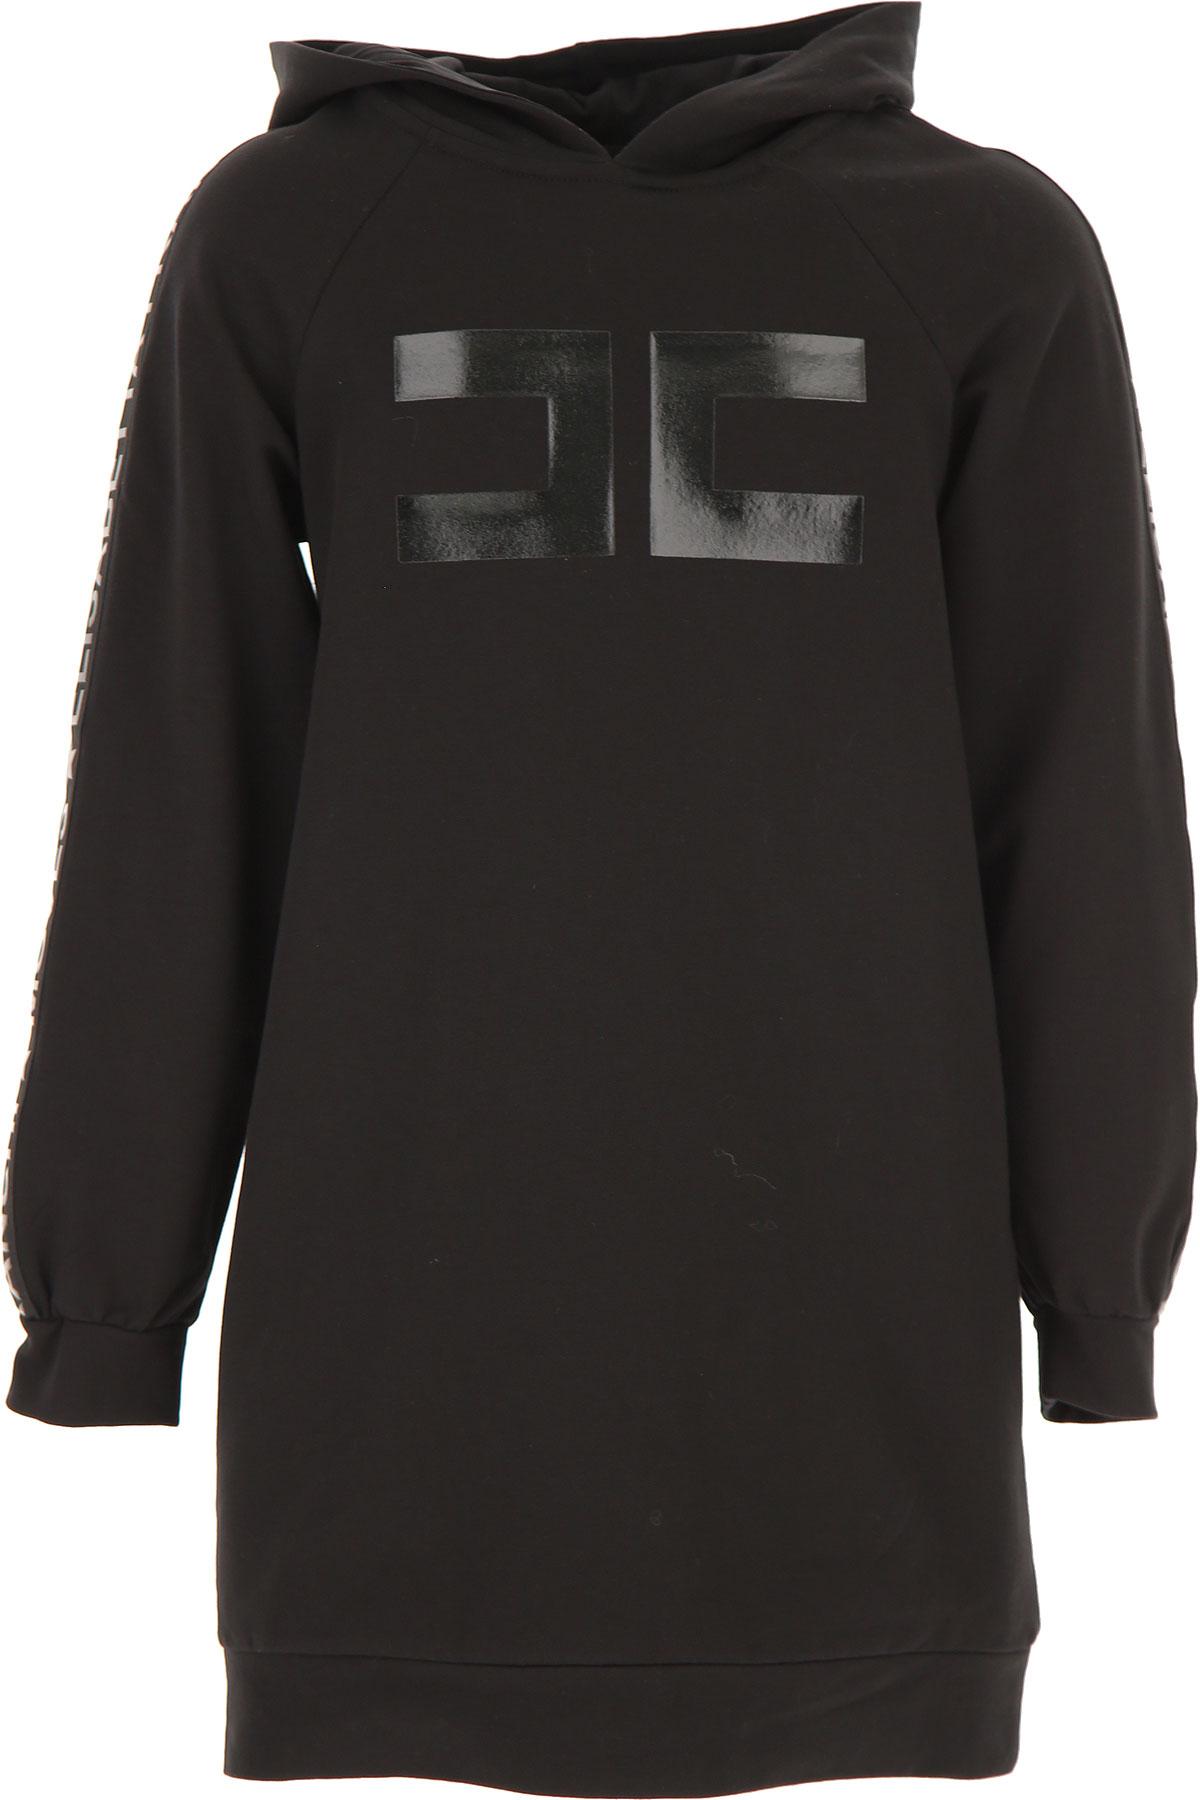 Elisabetta Franchi Girls Dress On Sale, Black, Cotton, 2019, L M S XL XS XXS